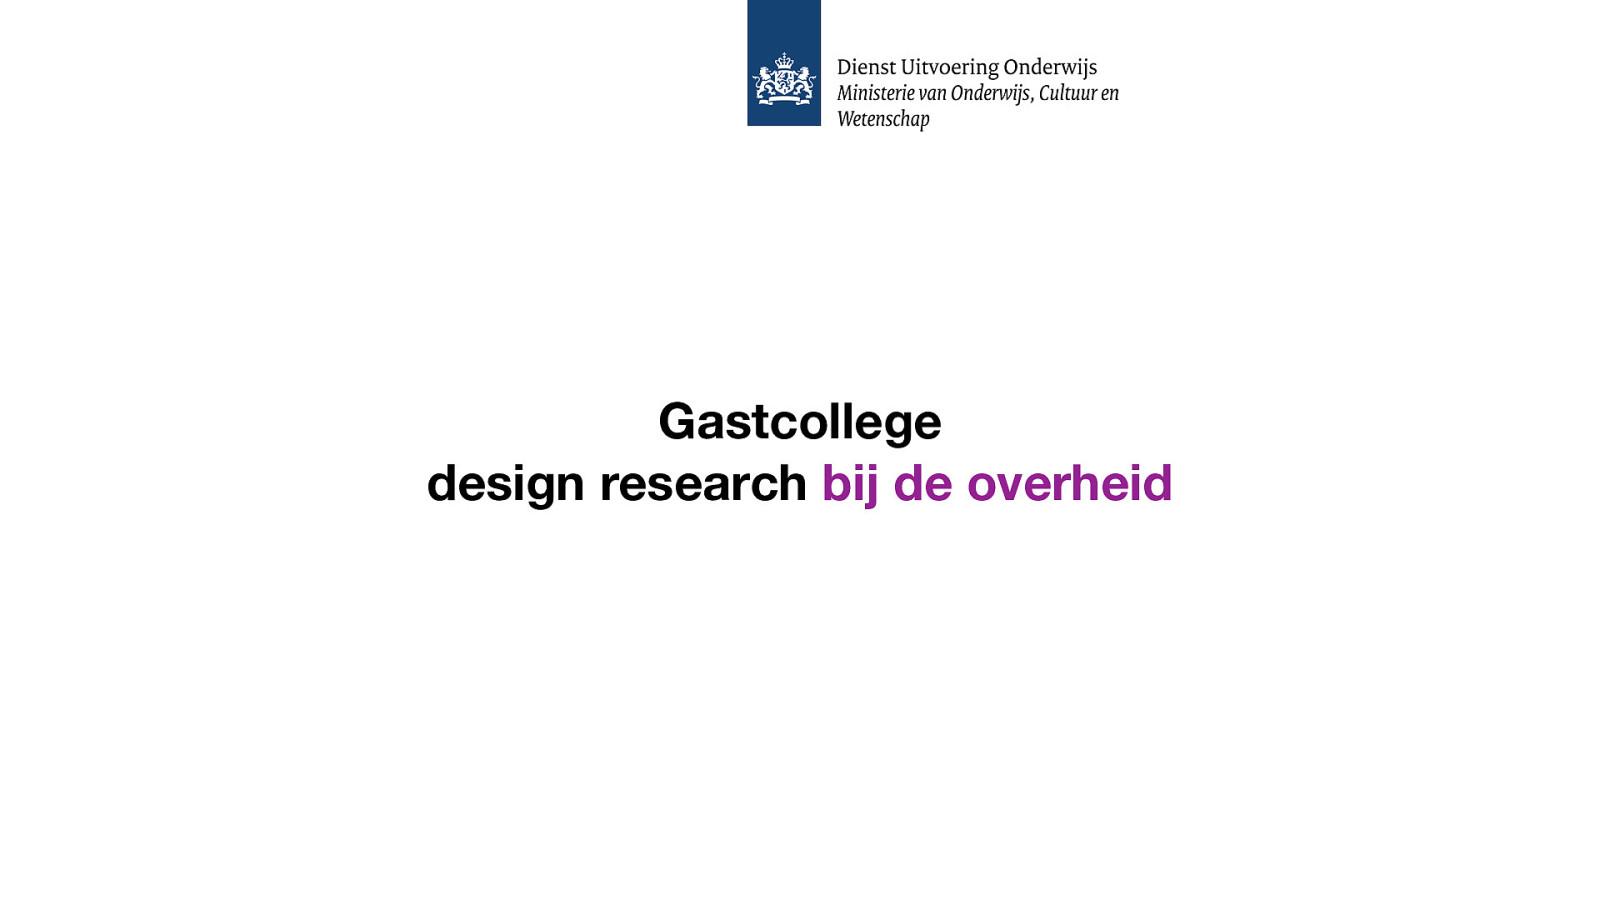 Design research bij DUO